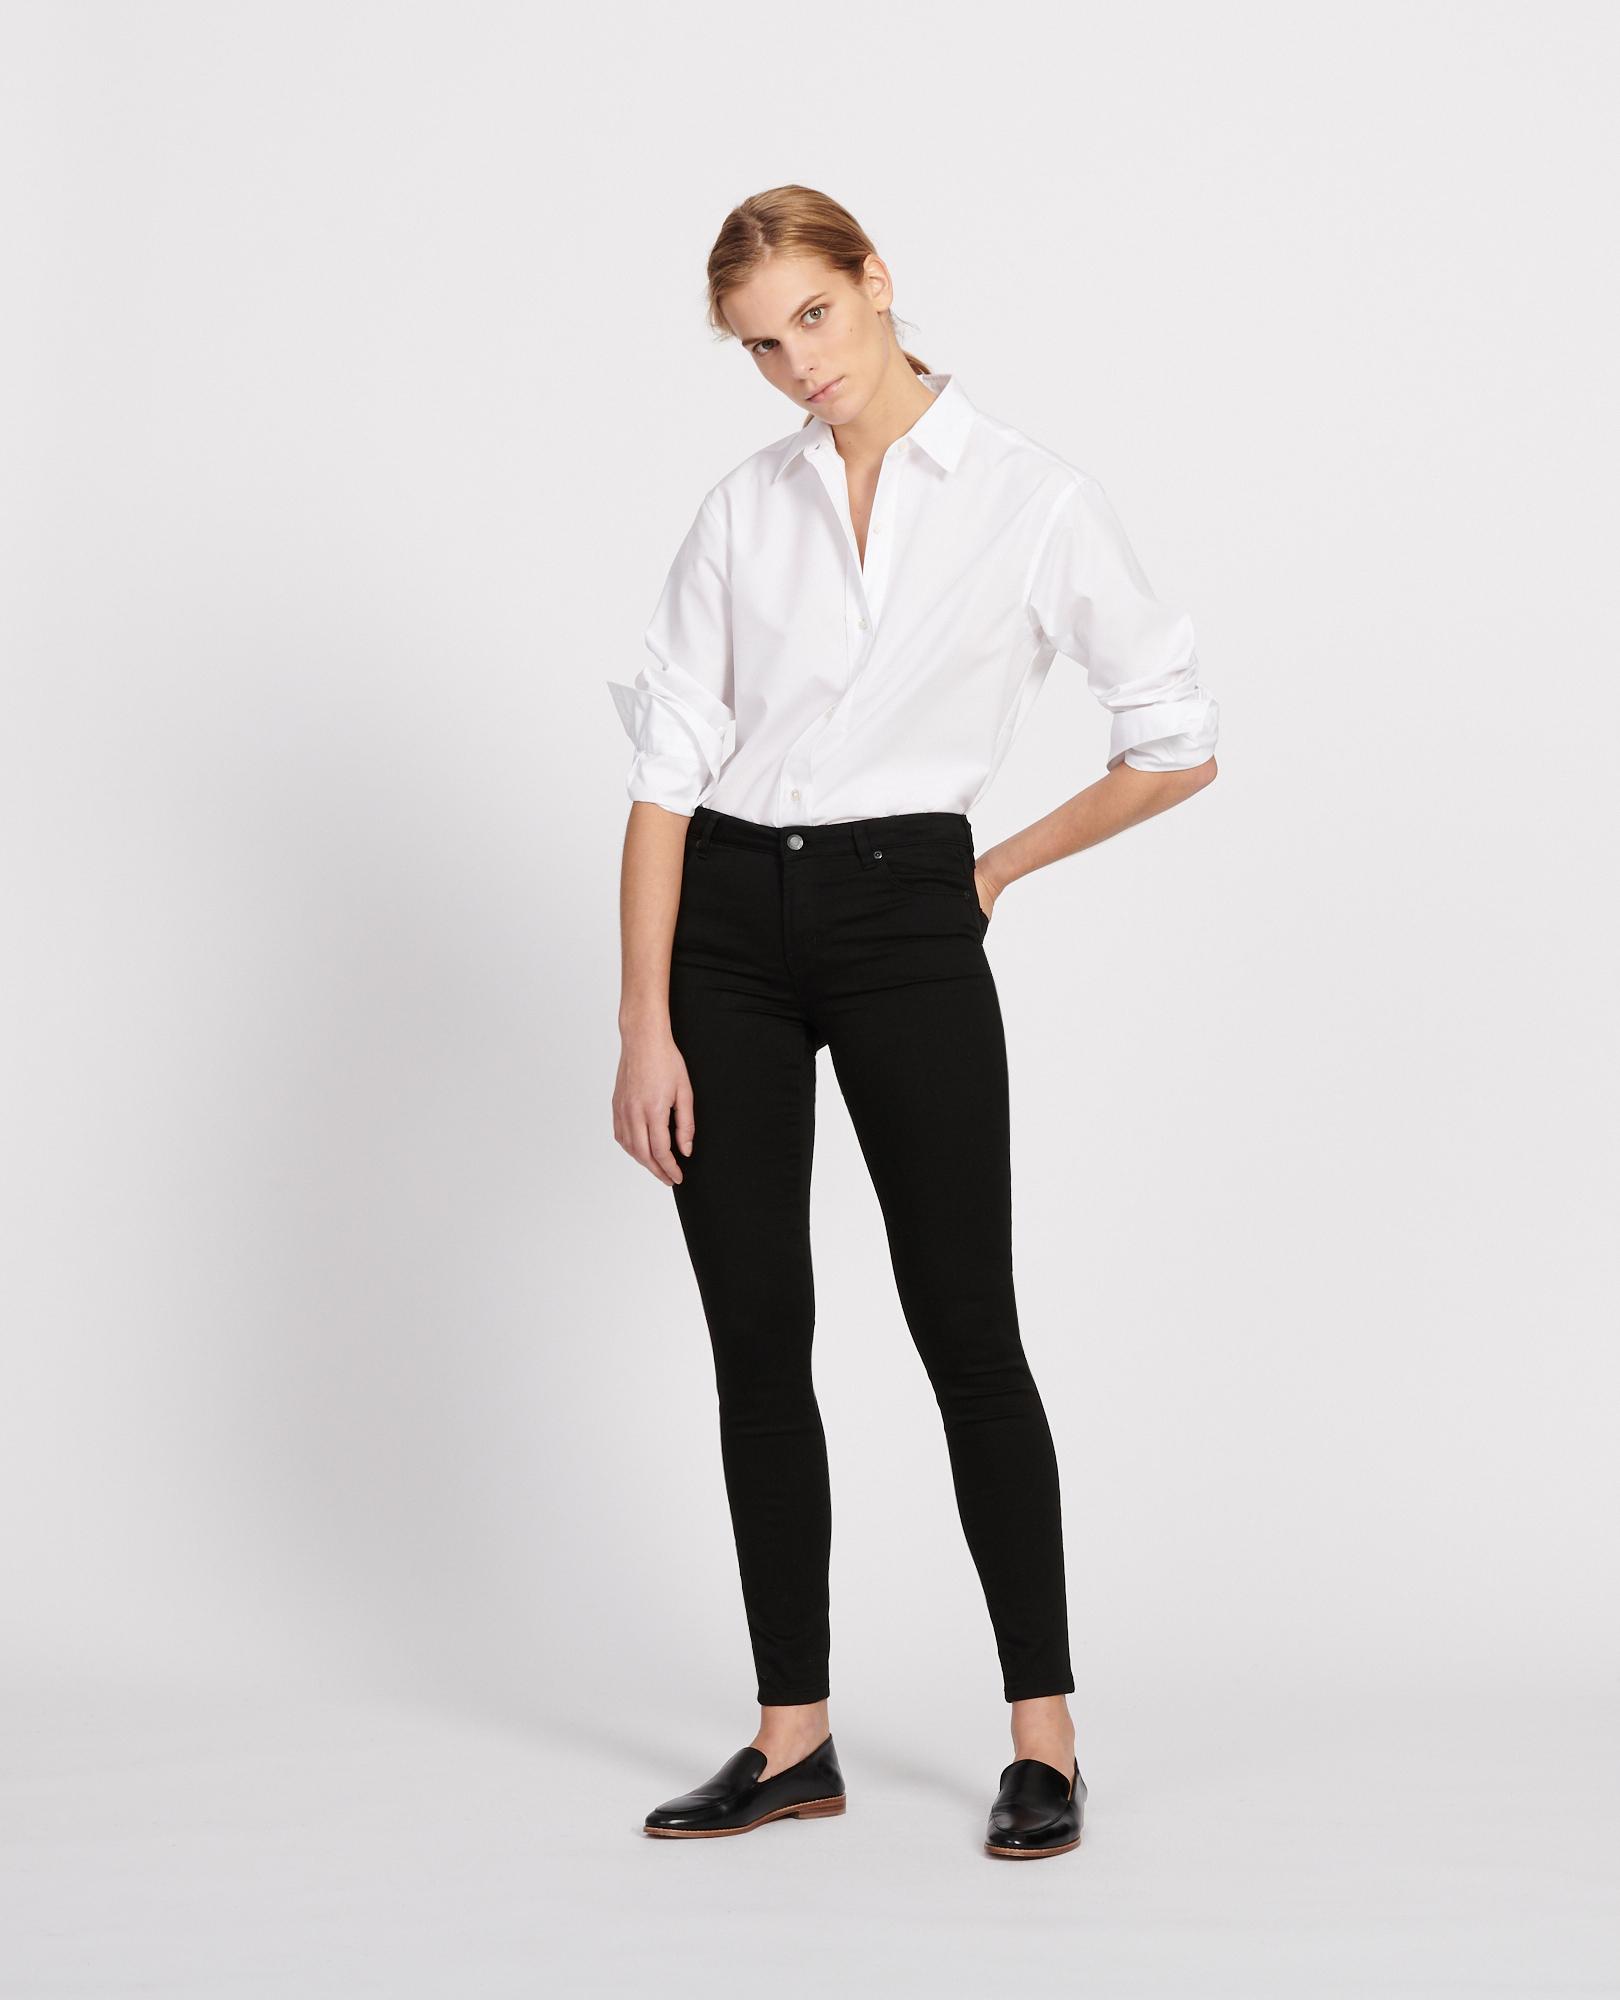 Vêtement Femme Modeamp; Des TendanceComptoir Cotonniers 0wOP8nkX